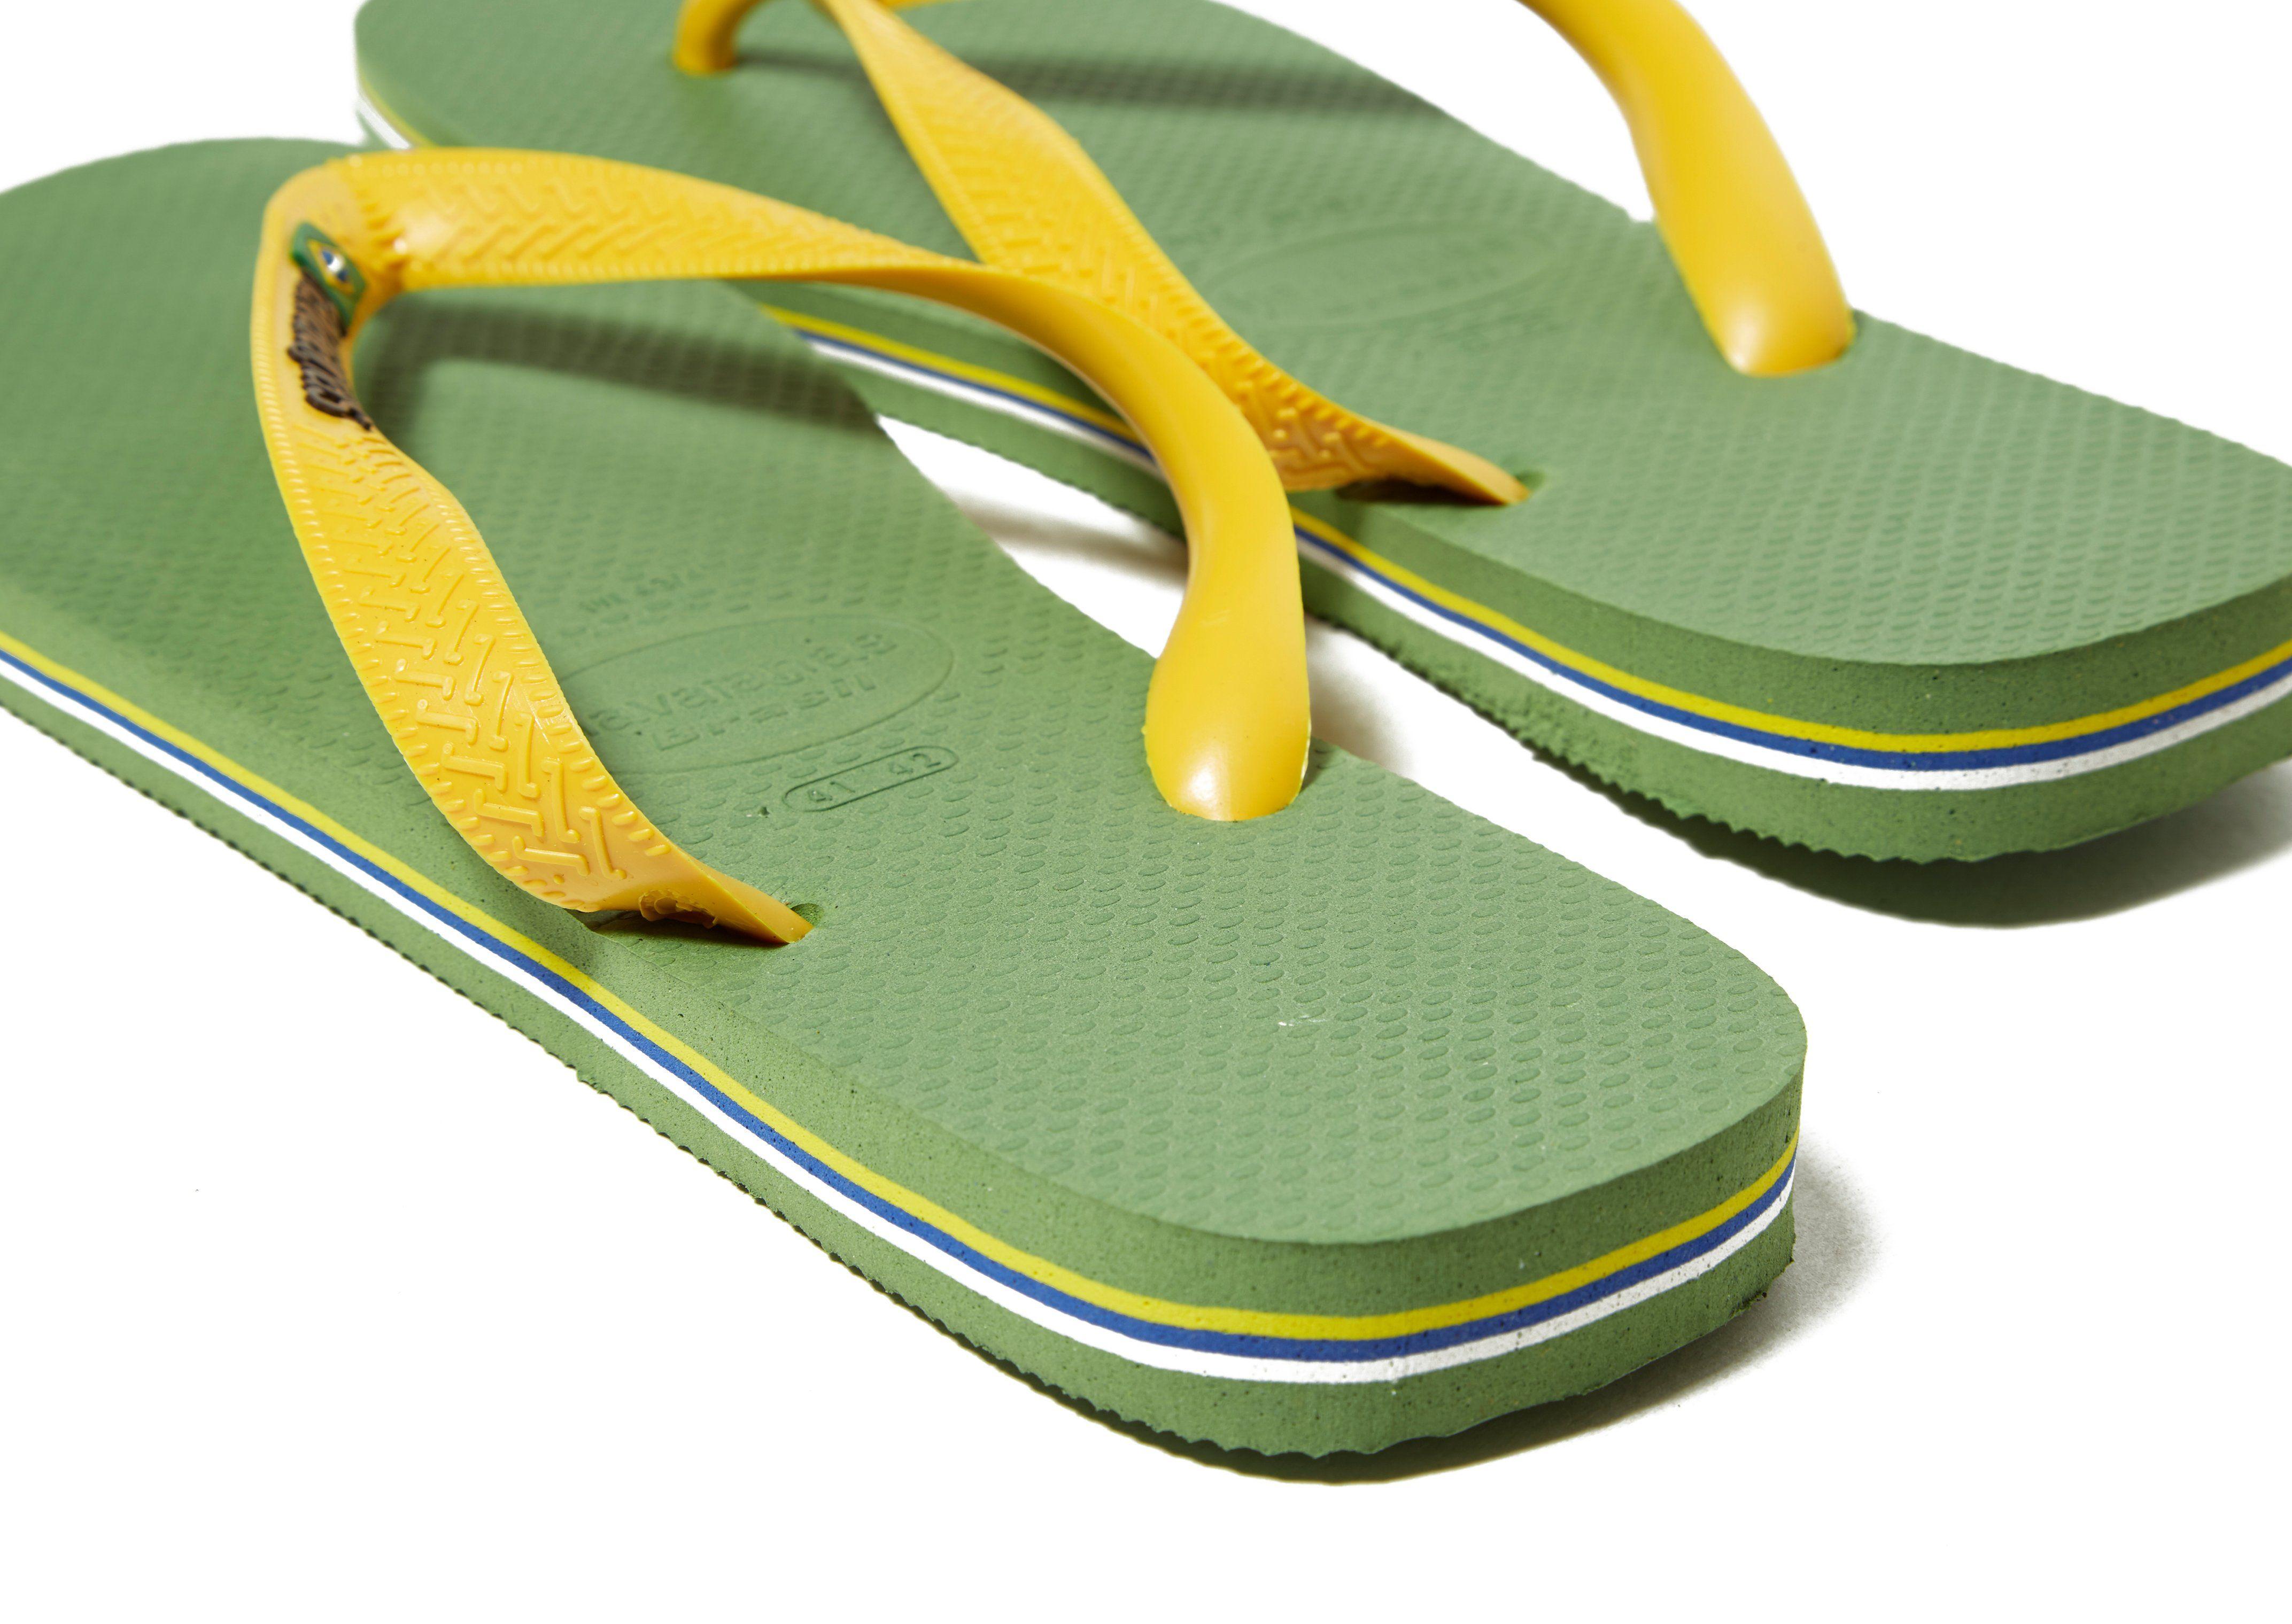 Günstig Kaufen Brandneue Unisex Pick Ein Besten Zum Verkauf Havaianas Brazil Logo Flip Flops Grün zlbBCCL0N